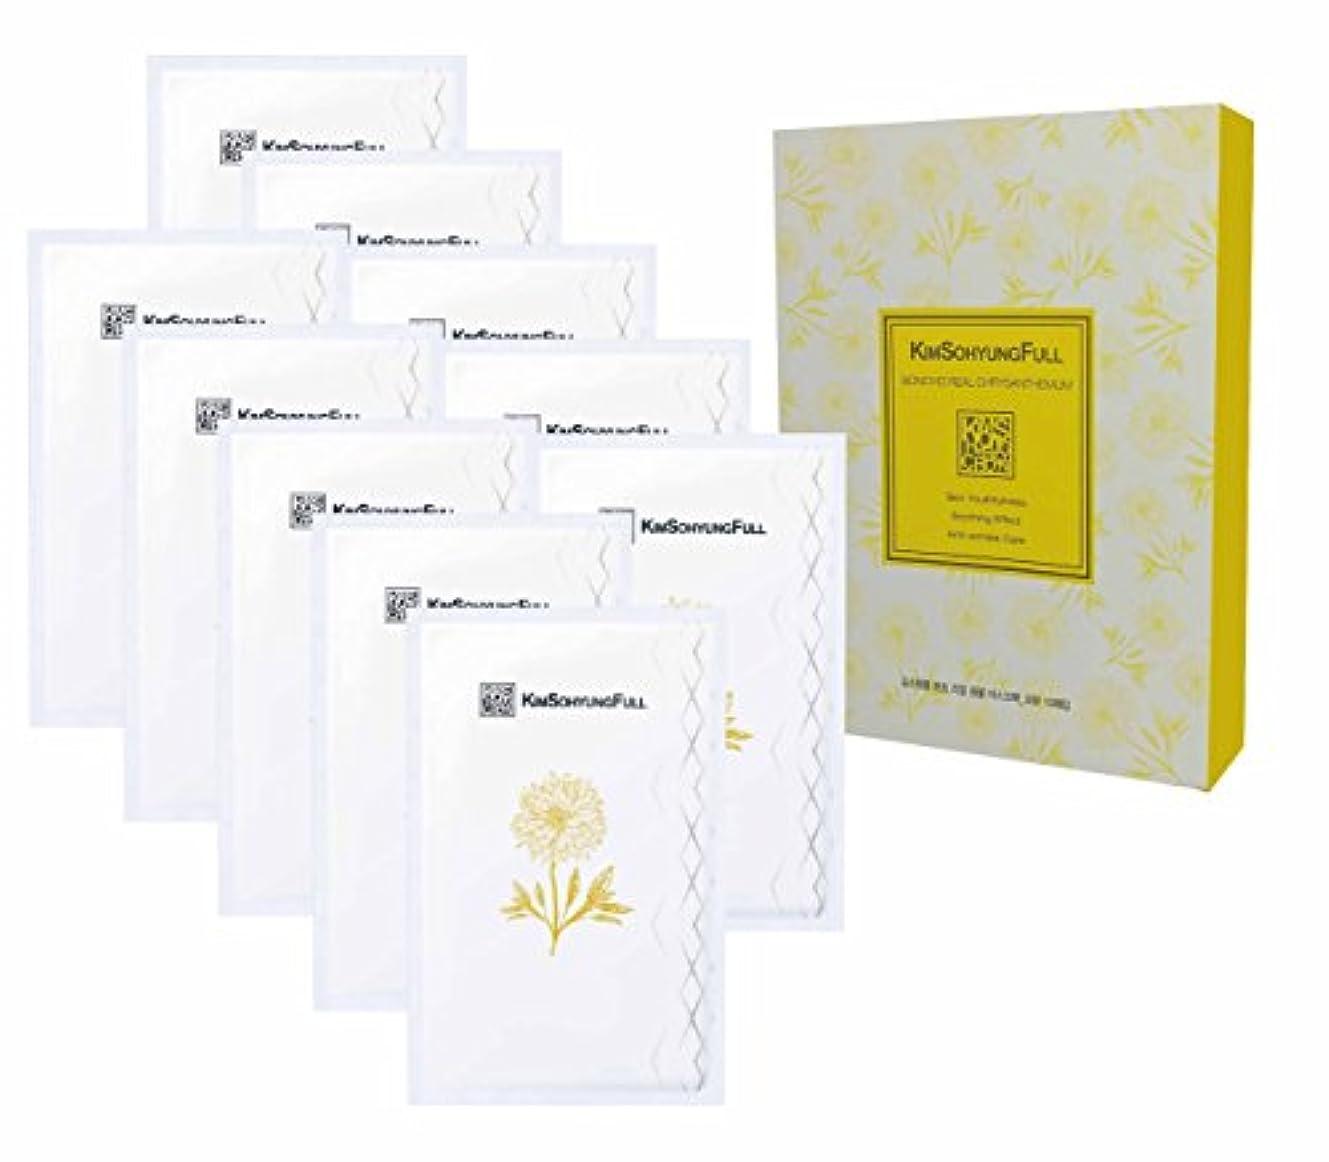 食べる慈悲仕える[ギムソヒョンフル] 本草 本物の菊使ったシートマスク10枚パック -本物の菊の花びらを 6%配合、革新的な3層式の100%天然植物由来シート、23ml / 0.77液体オンス